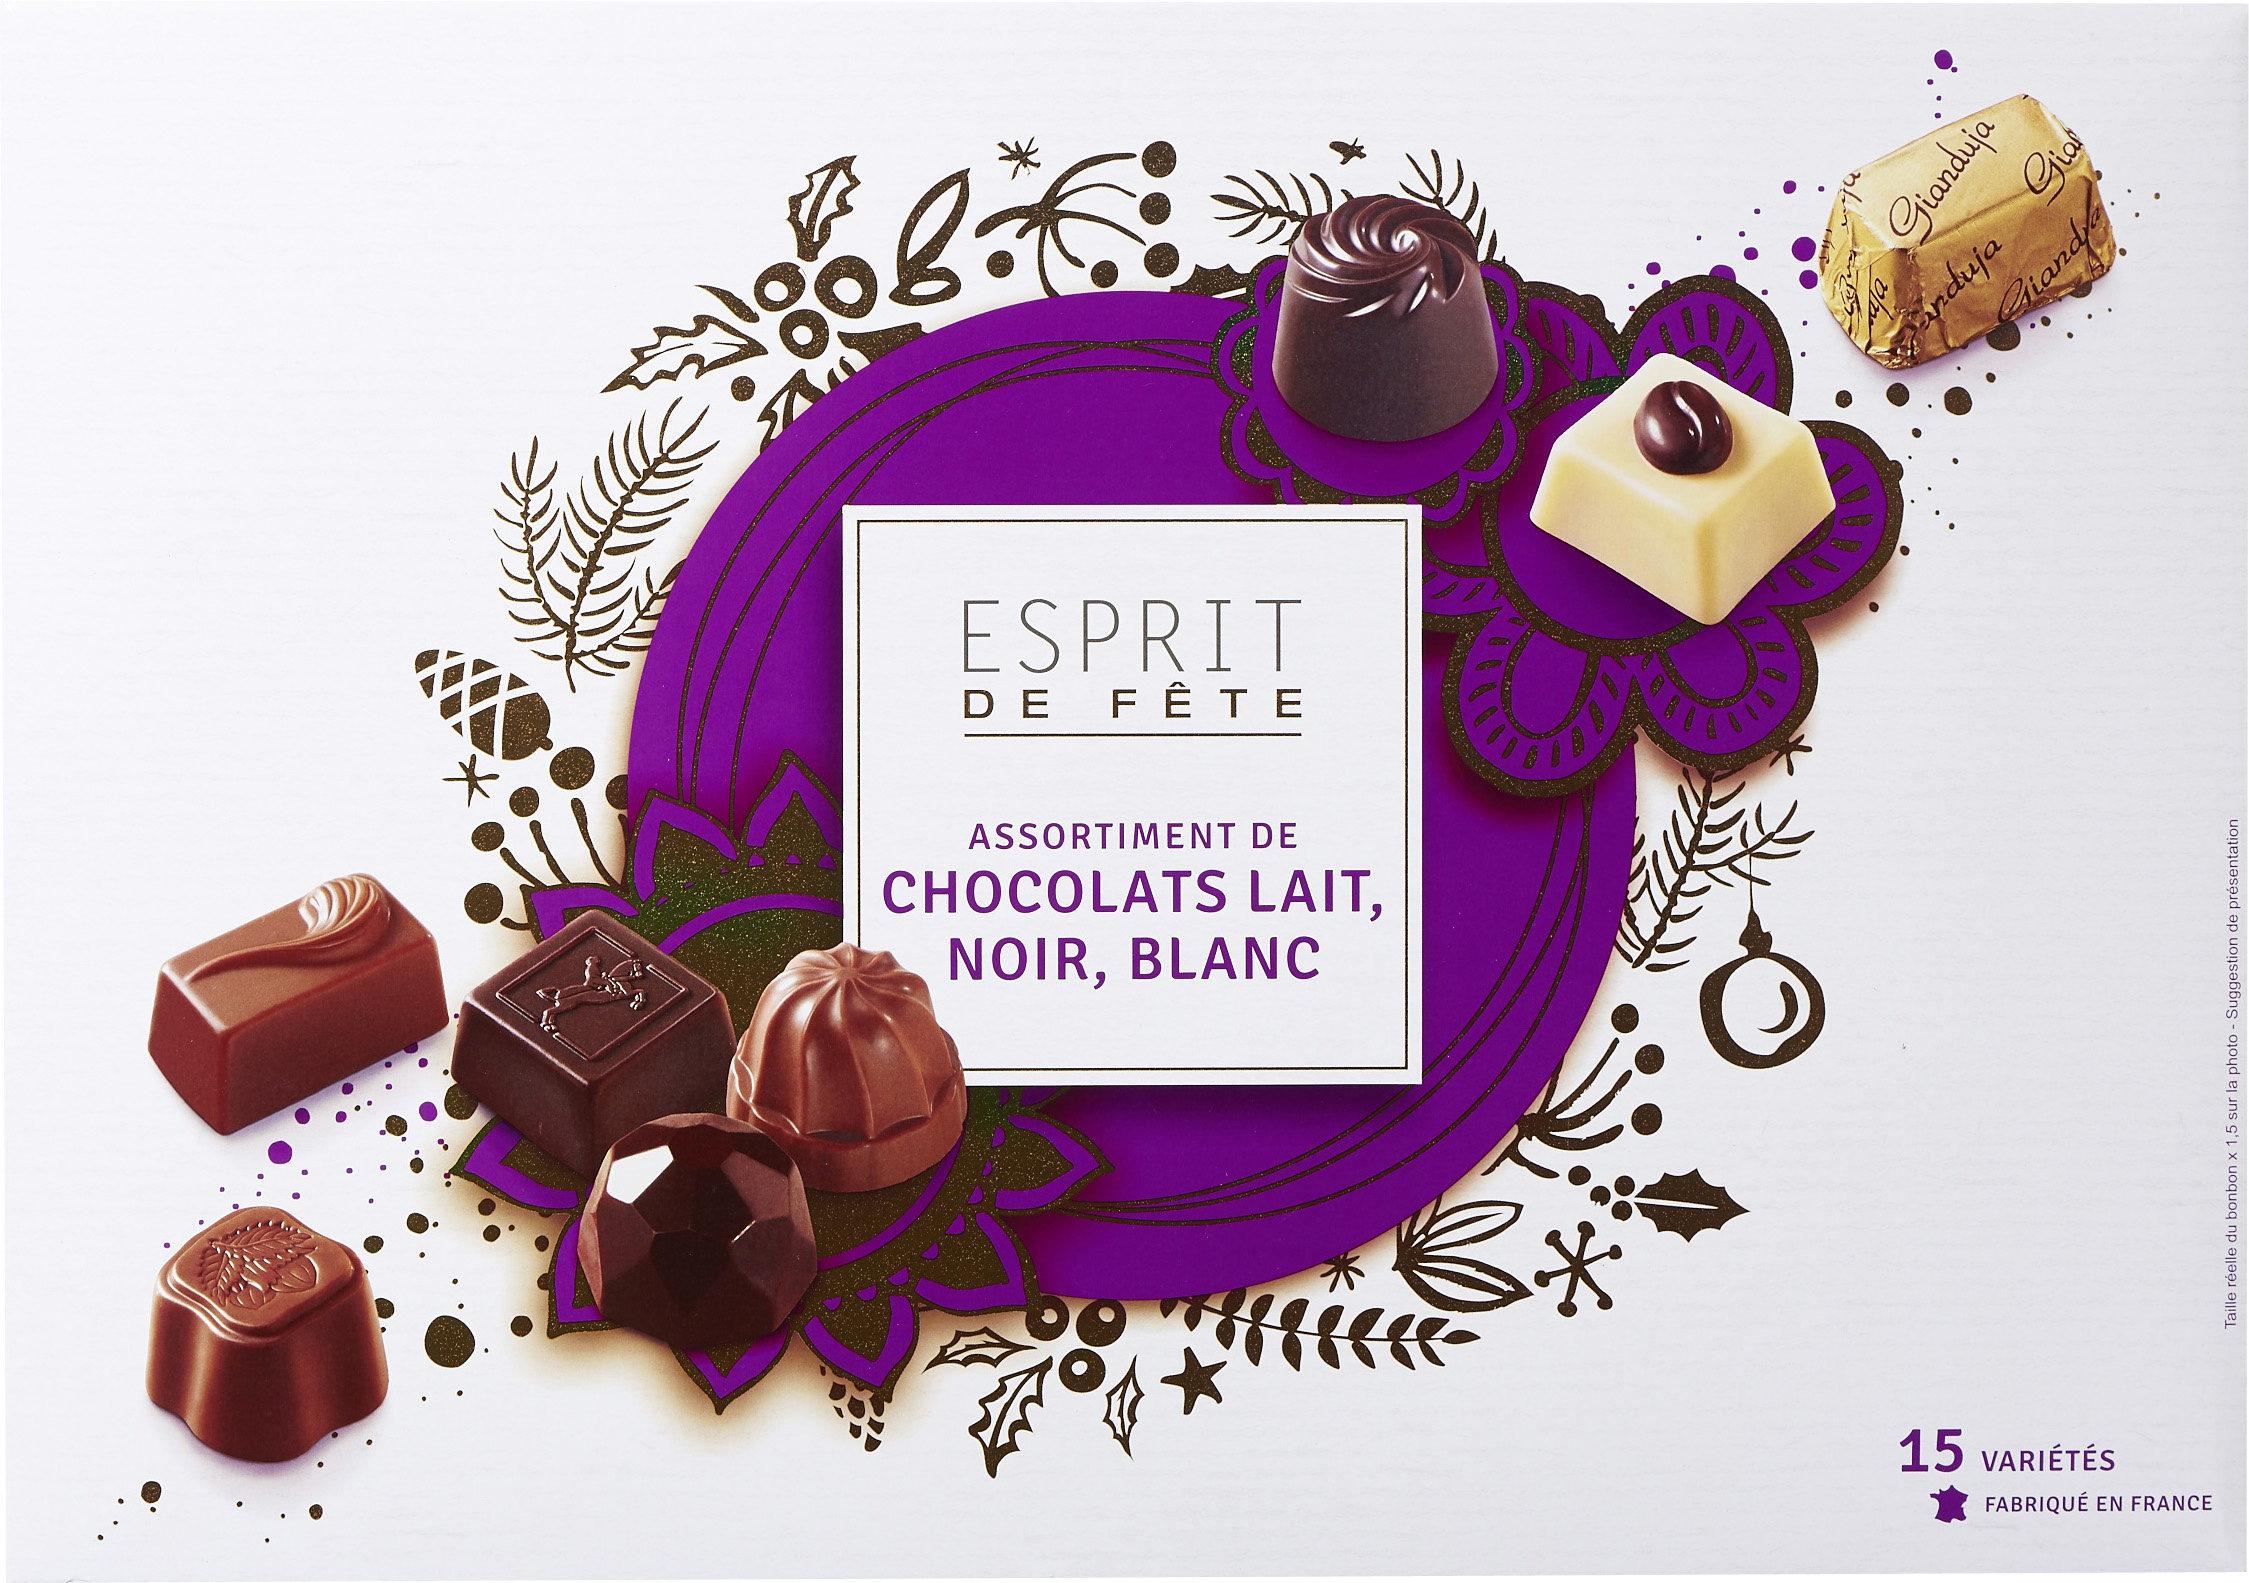 Assortiment de chocolats lait, noir, blanc - Product